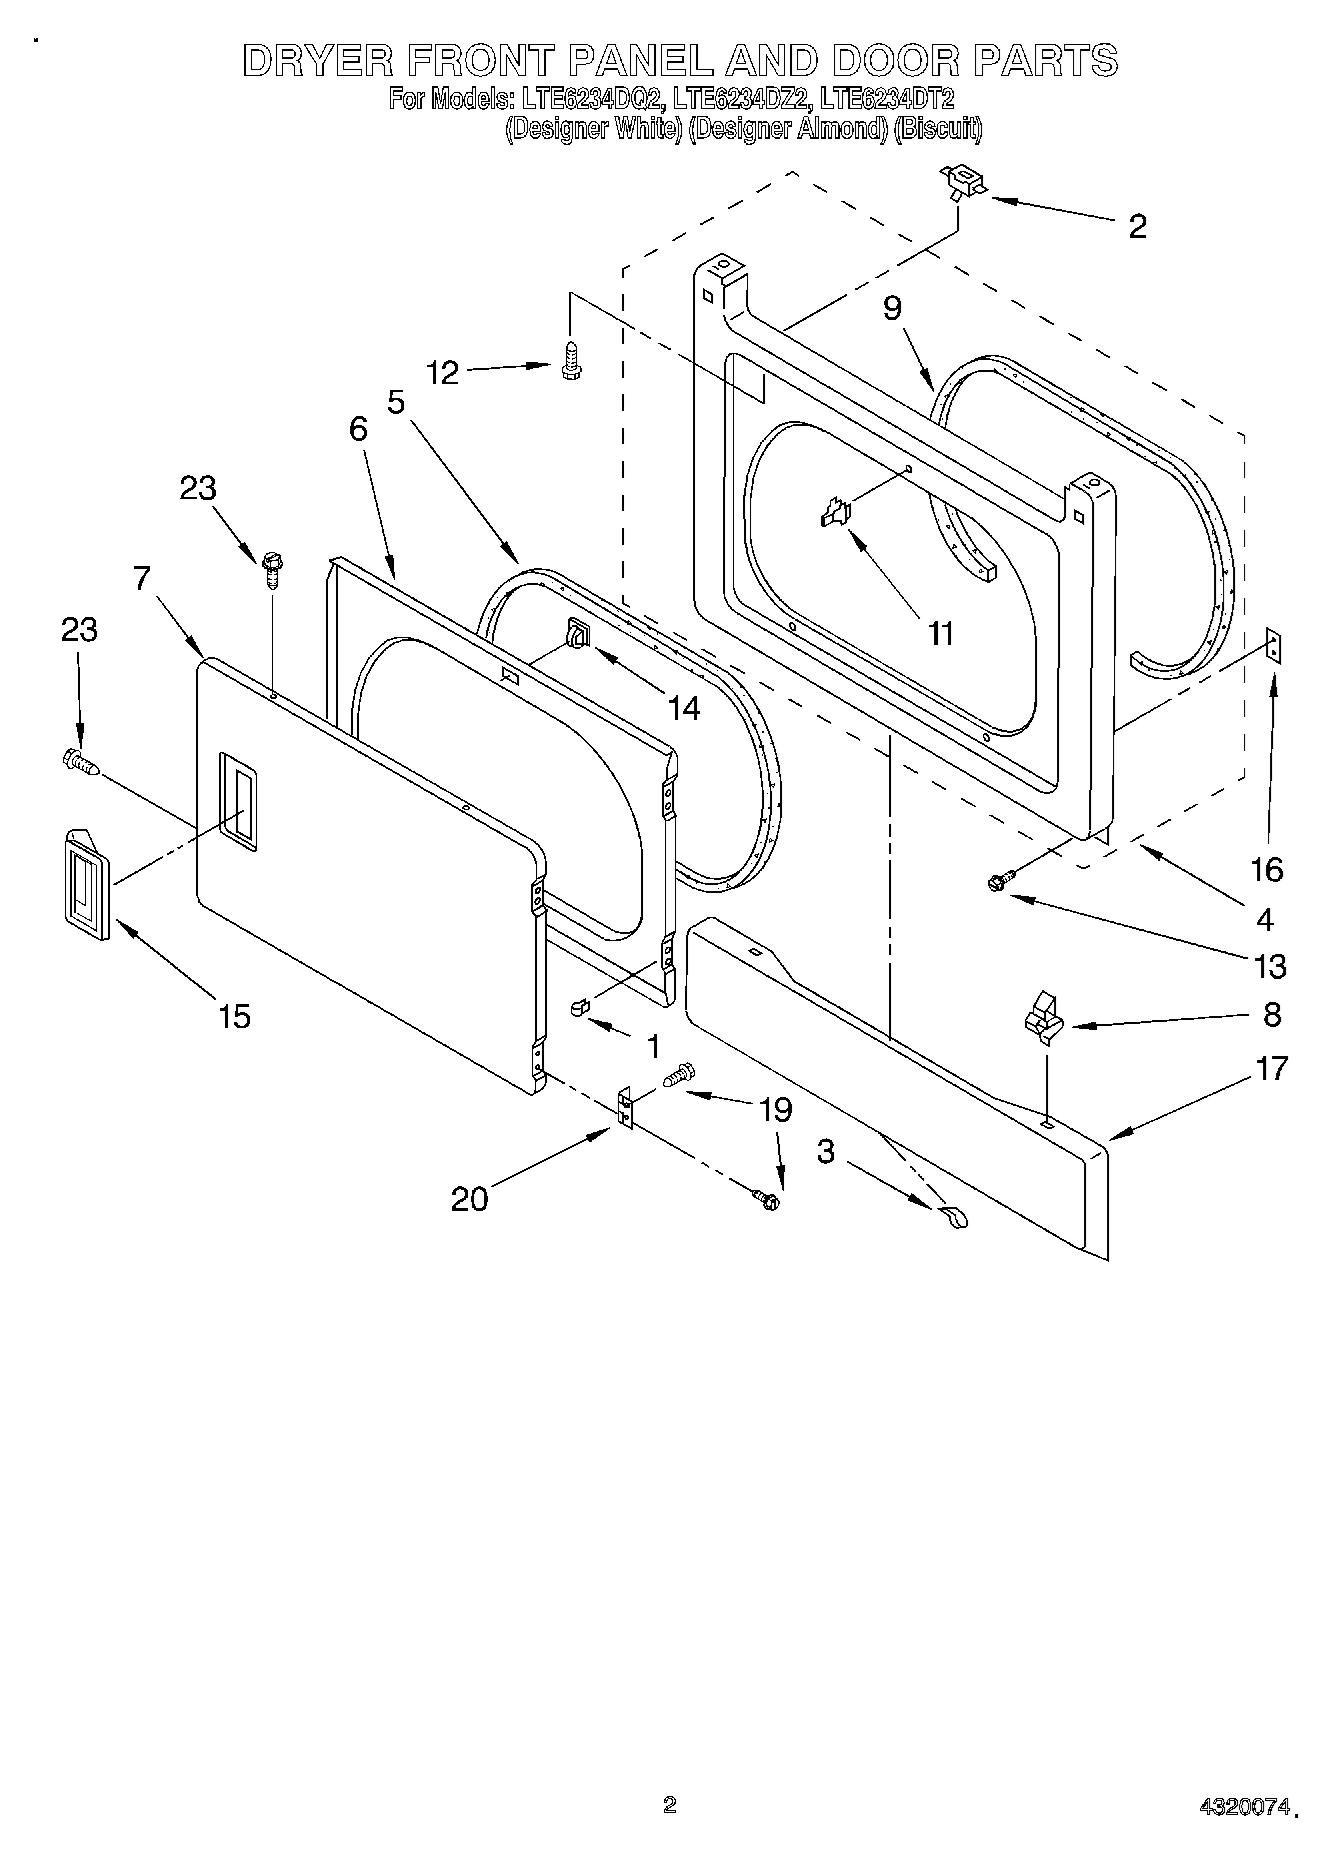 kubota ignition switch wiring diagram 4 pin